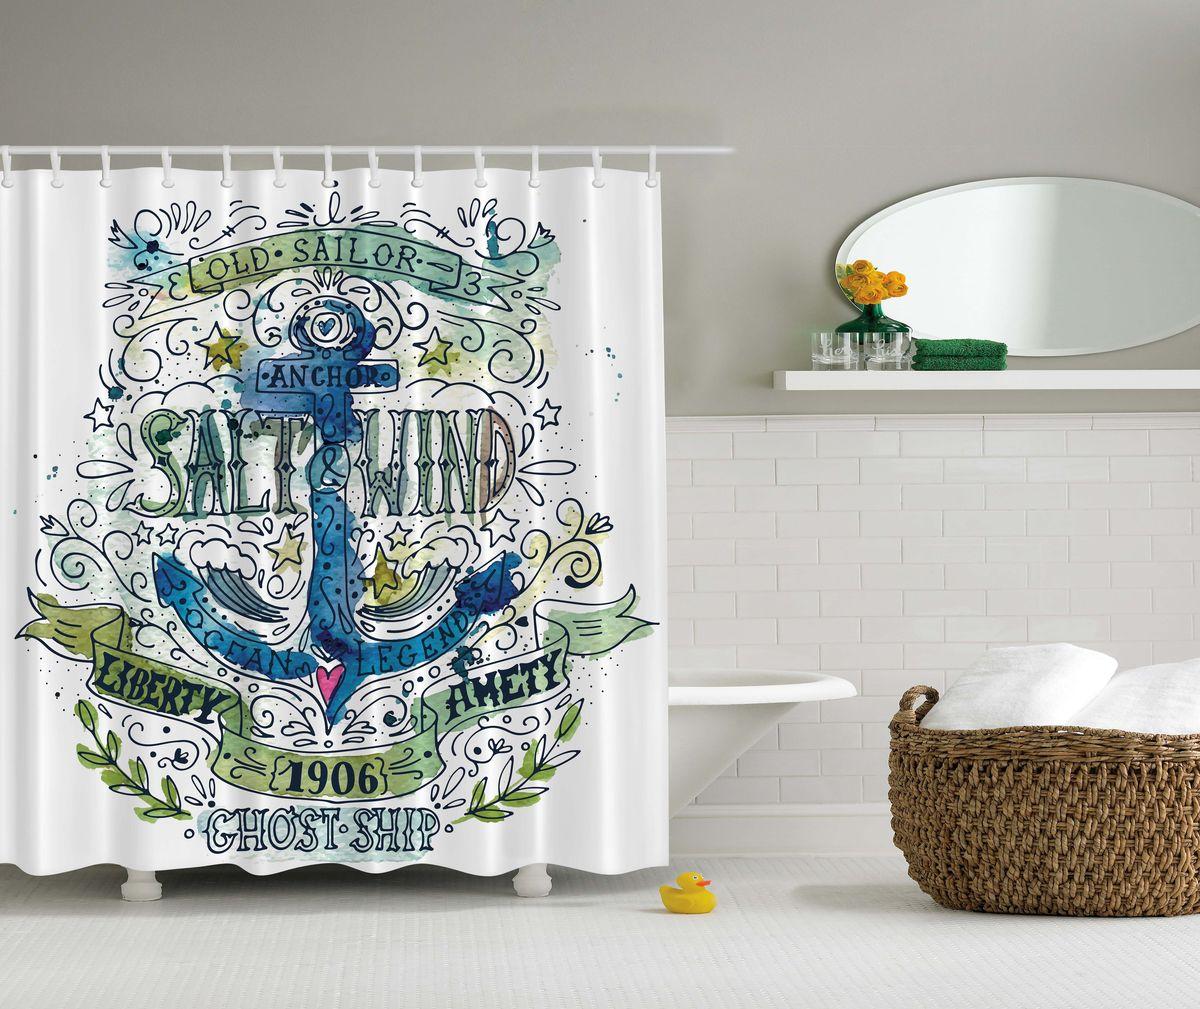 Штора для ванной комнаты Magic Lady Якорь для моряка, 180 х 200 смшв_4720Штора Magic Lady Якорь для моряка, изготовленная из высококачественного сатена (полиэстер 100%), отлично дополнит любой интерьер ванной комнаты. При изготовлении используются специальные гипоаллергенные чернила для прямой печати по ткани, безопасные для человека. В комплекте: 1 штора, 12 крючков. Обращаем ваше внимание, фактический цвет изделия может незначительно отличаться от представленного на фото.